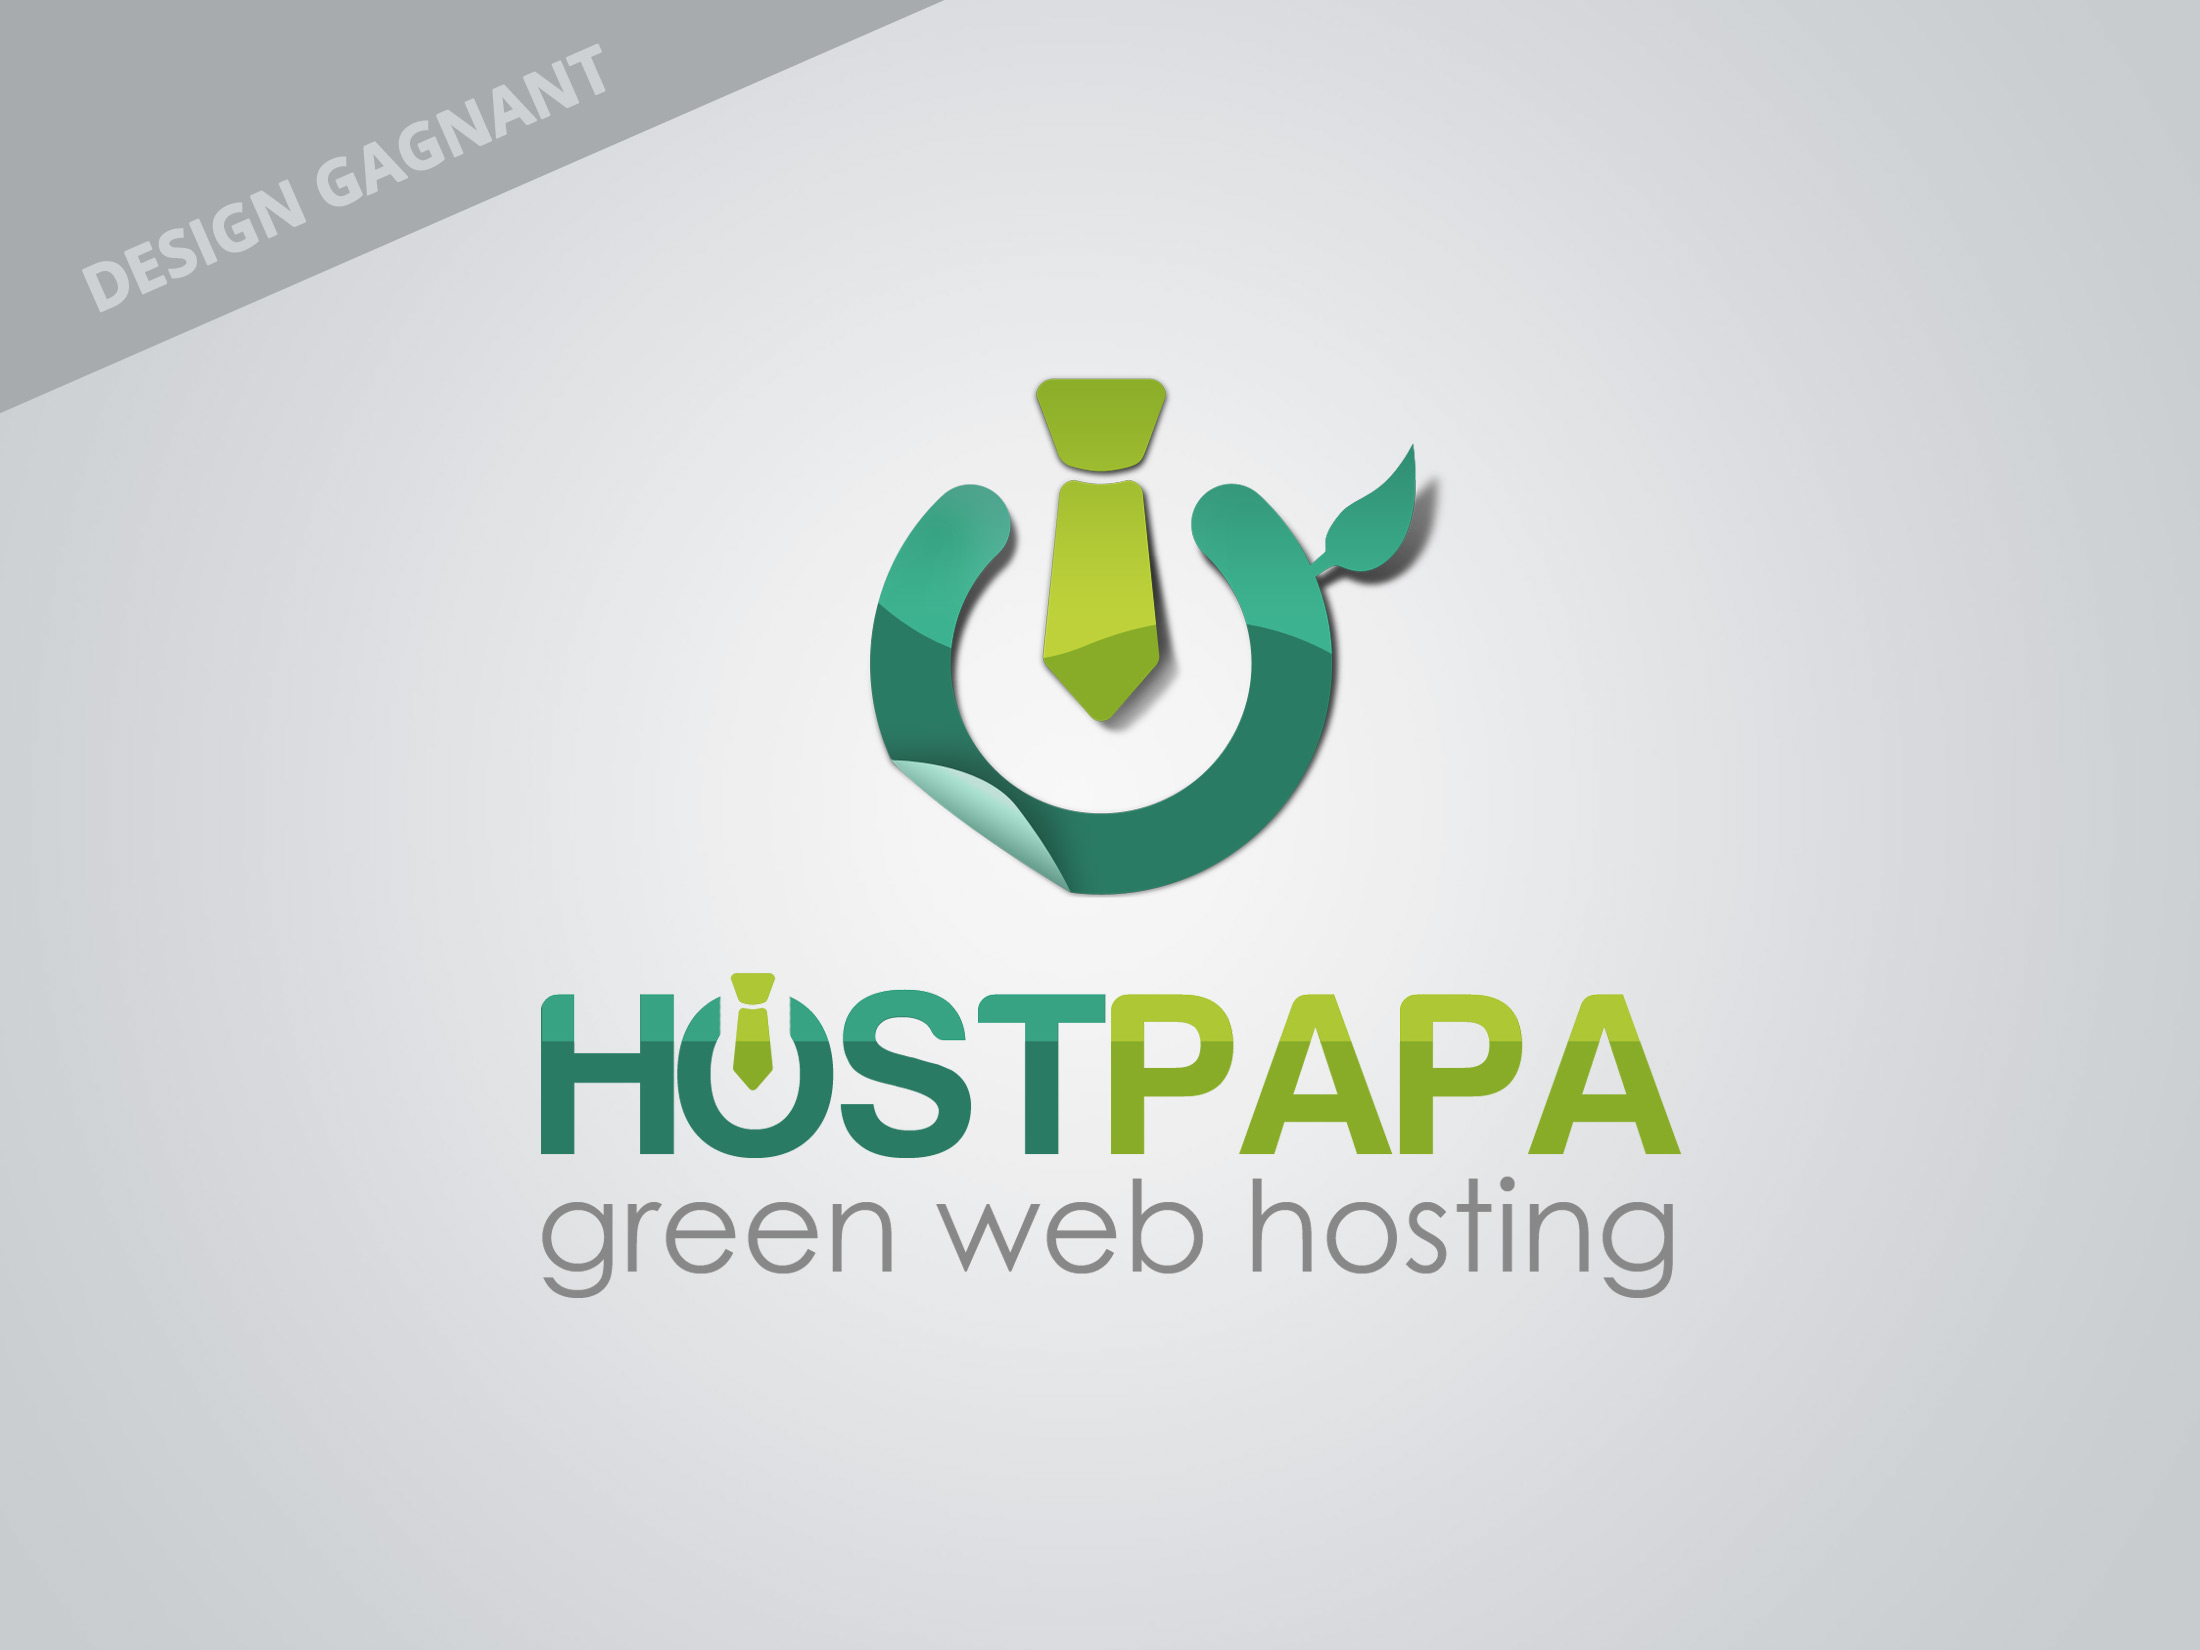 HostPapa